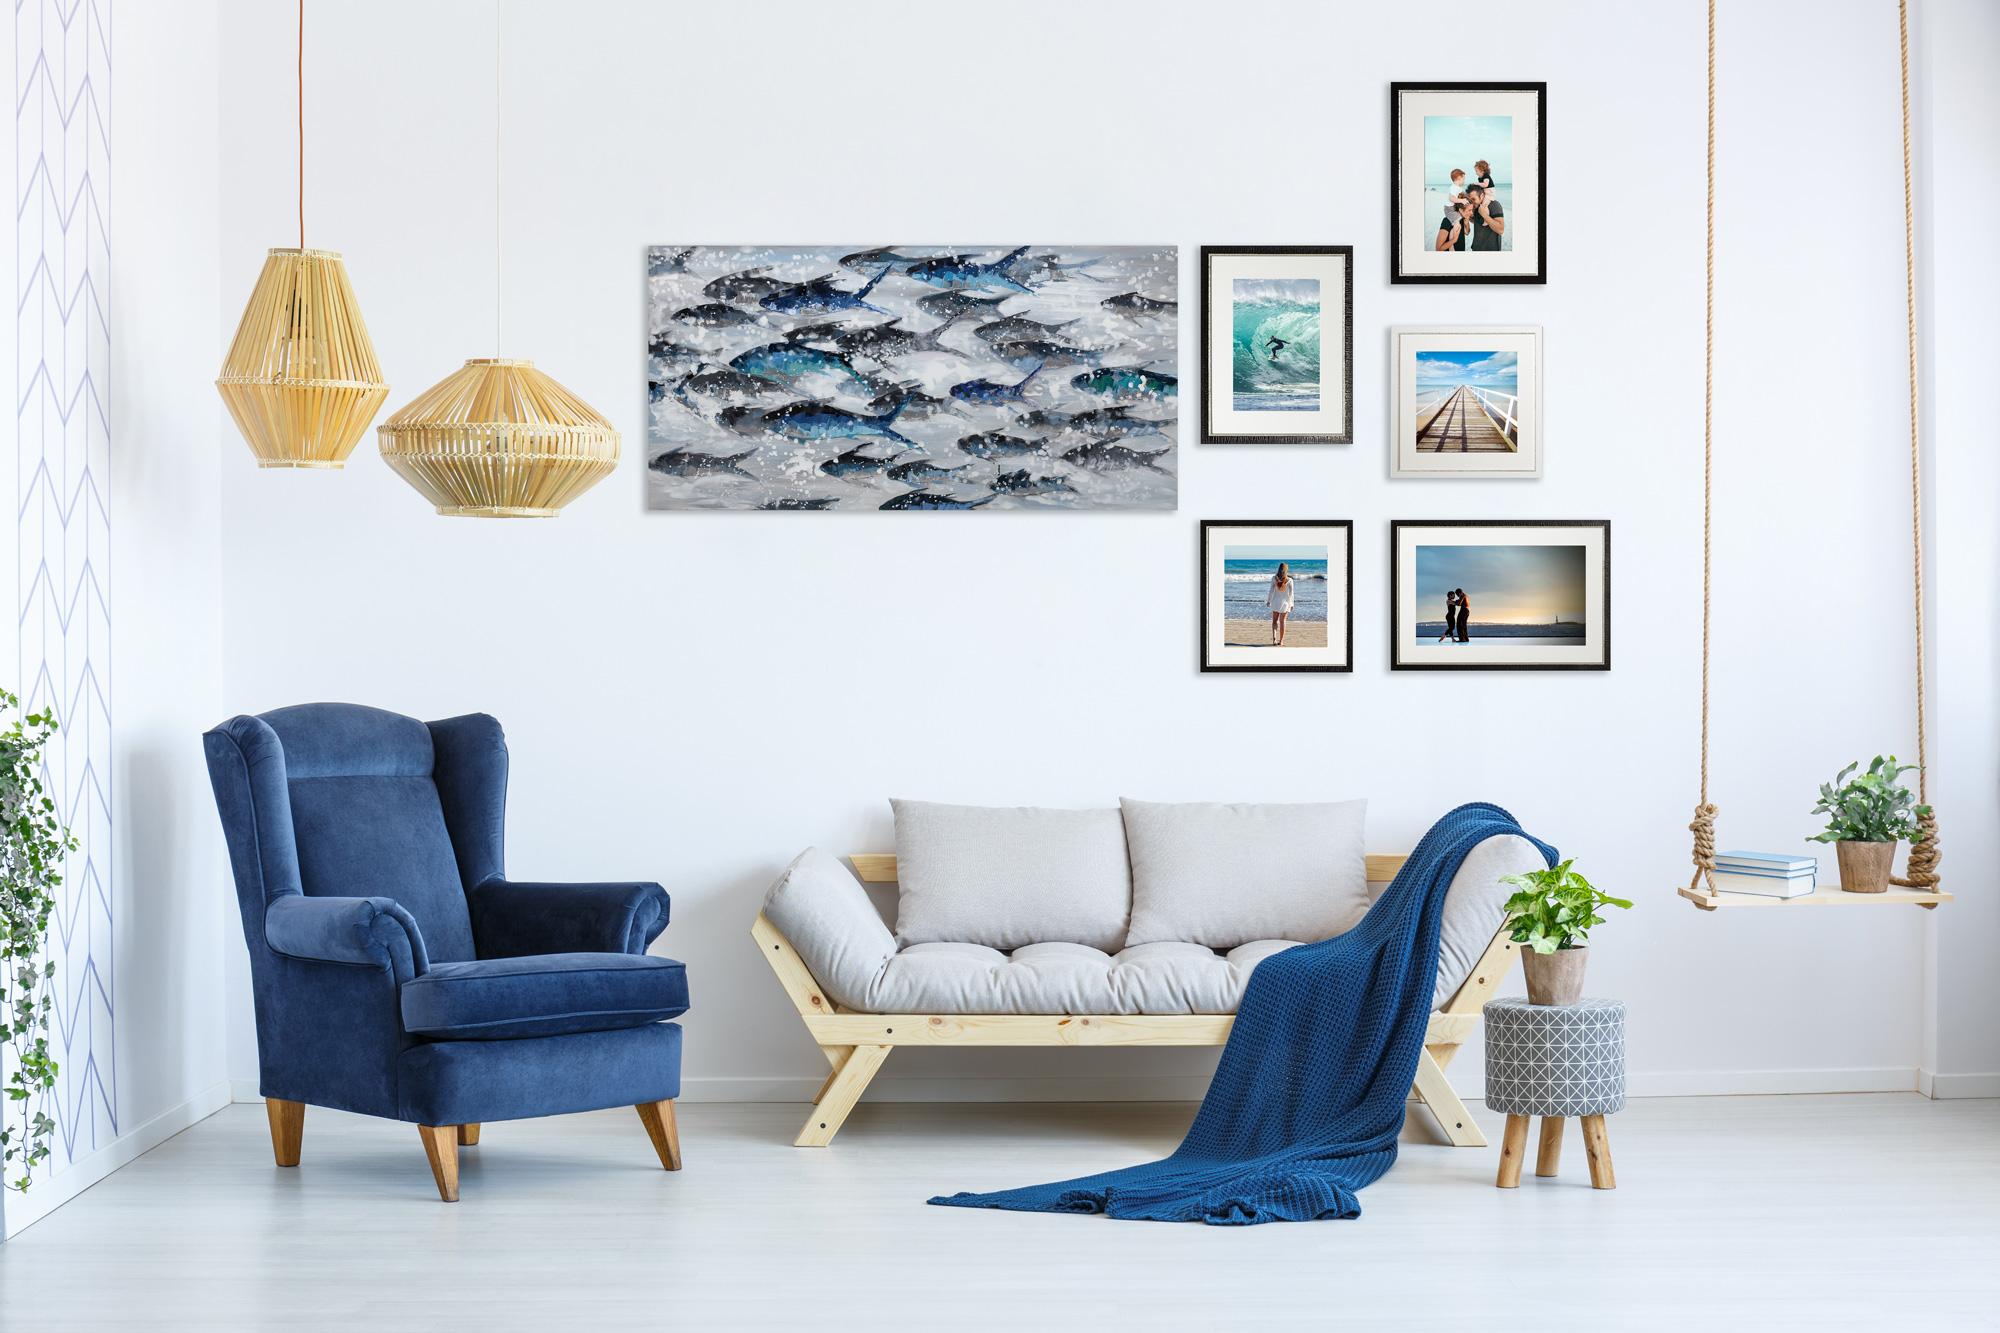 Idee X Decorare Pareti 5 idee per decorare le pareti della tua casa   arredobene